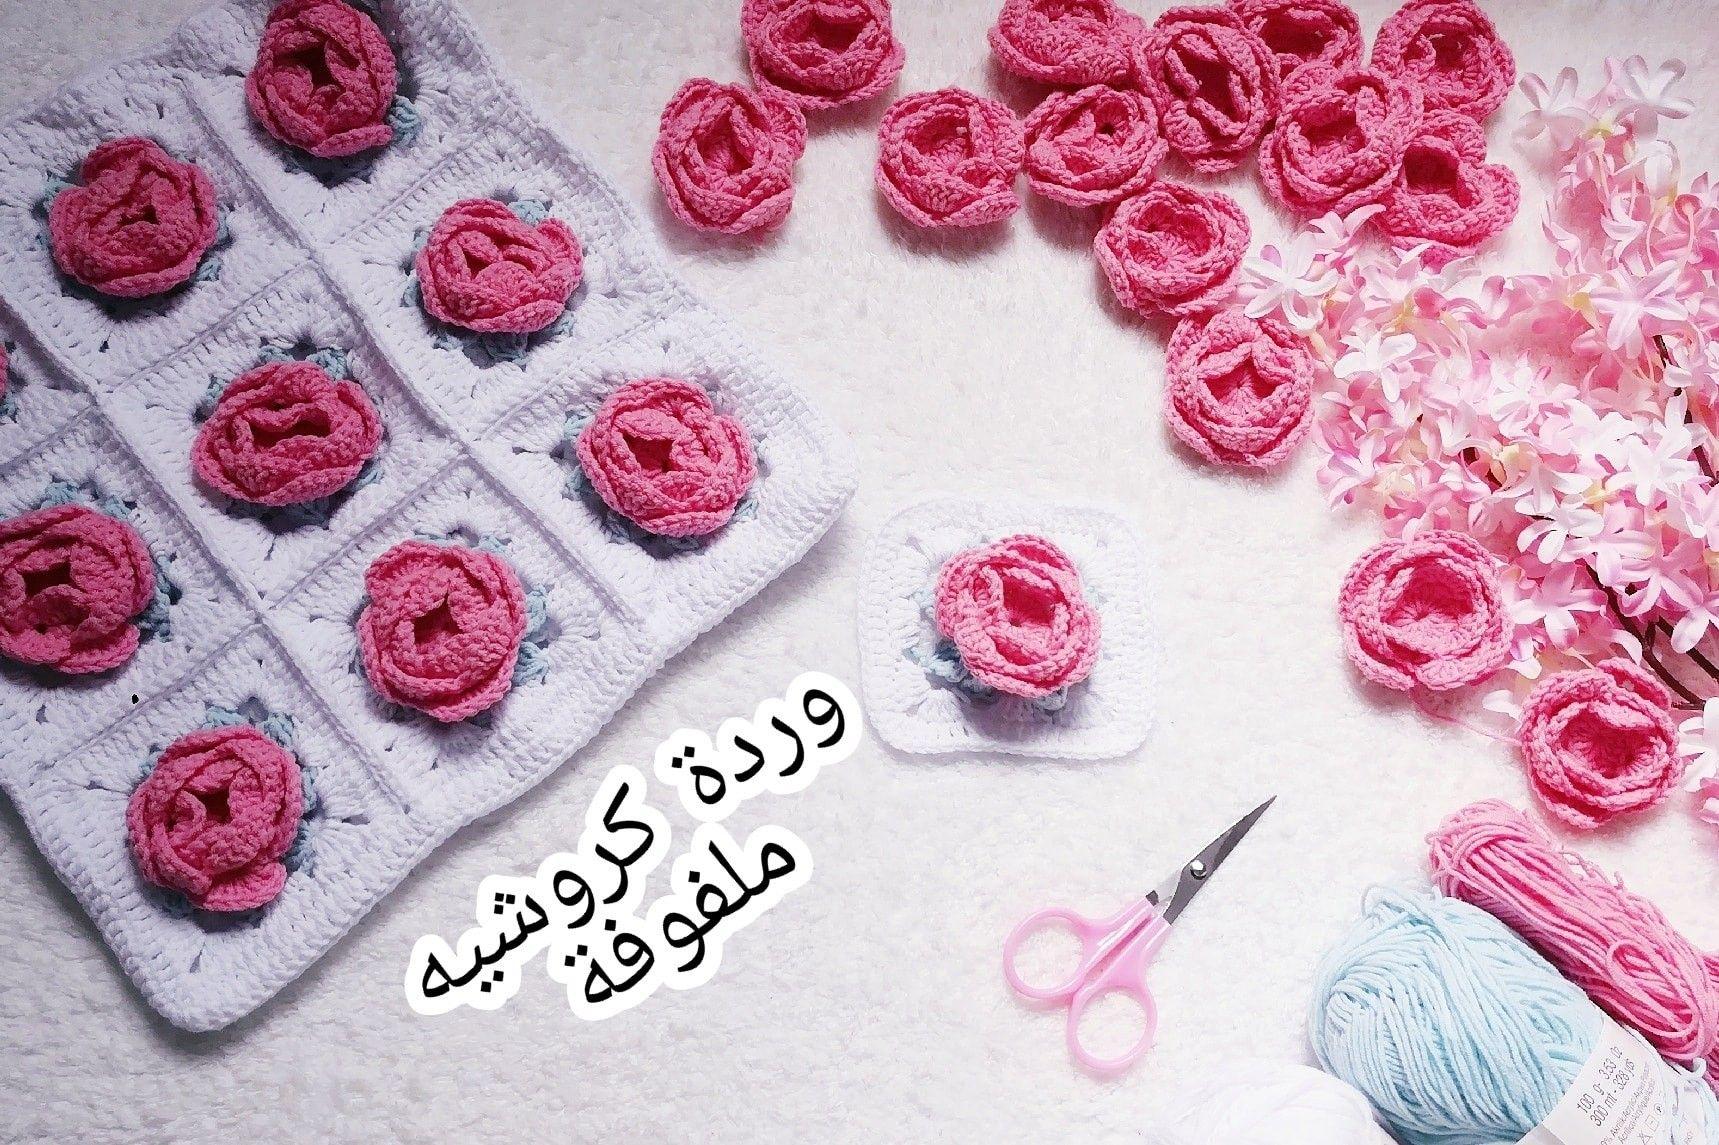 Crochet Flowery Pillow Handmade Shop Handmade Crochet